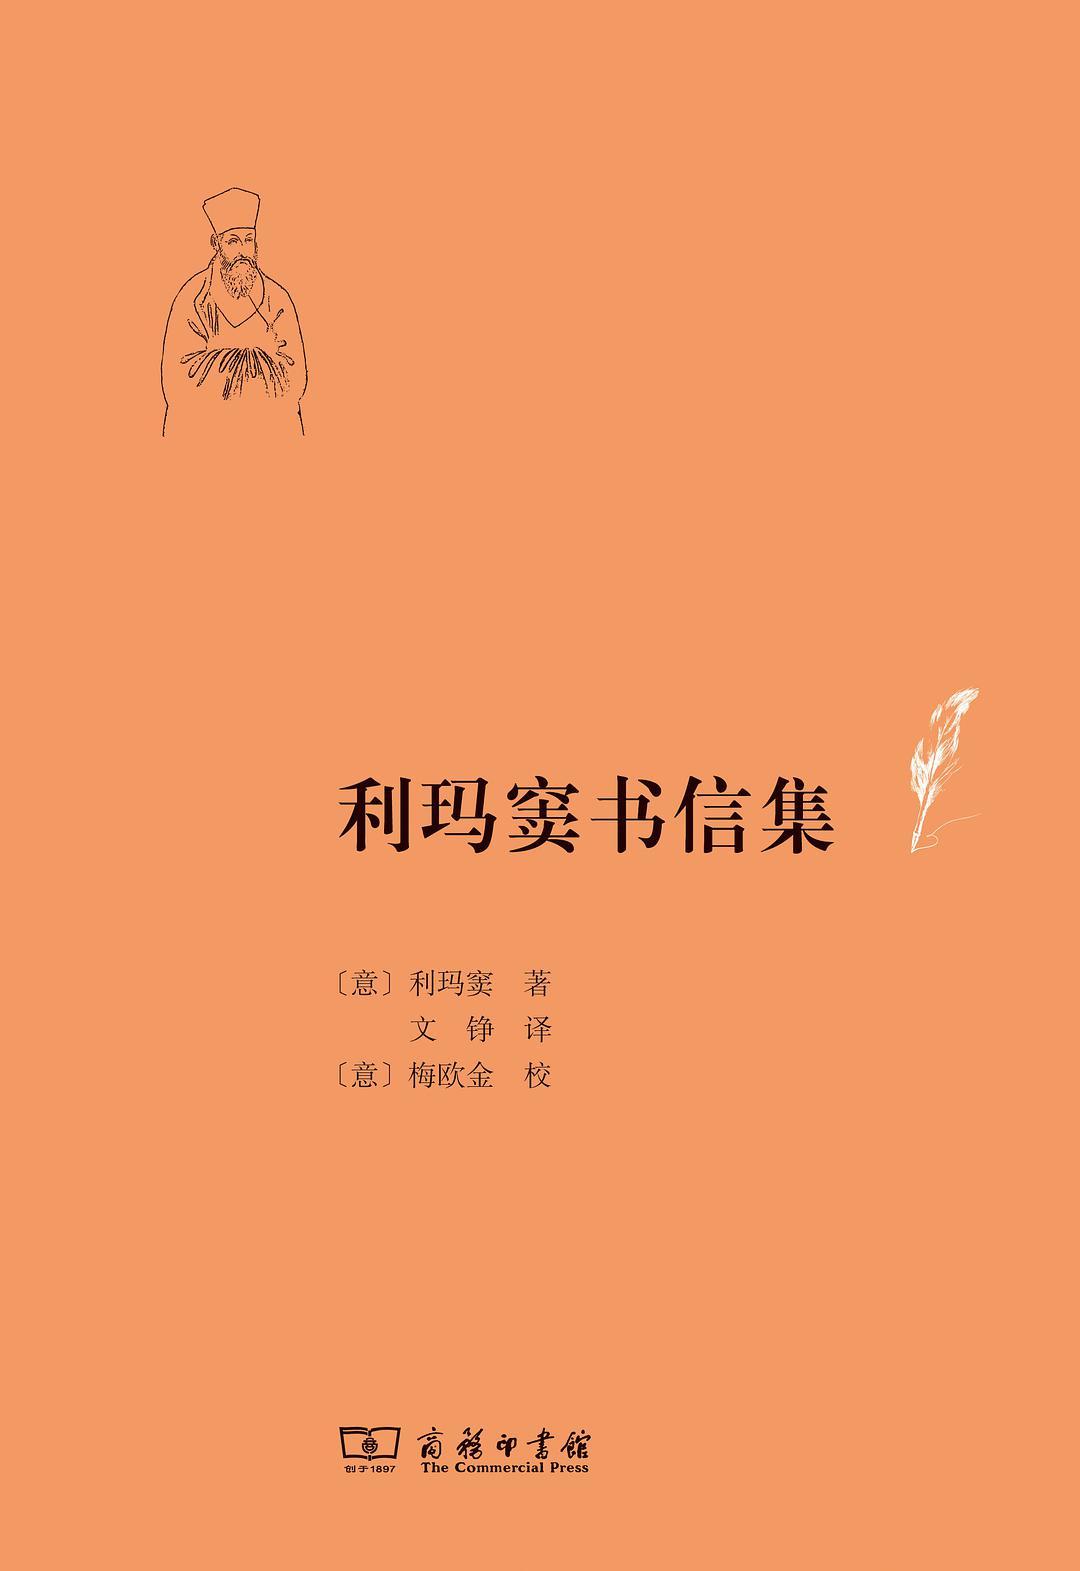 《利玛窦书信集》(2018)